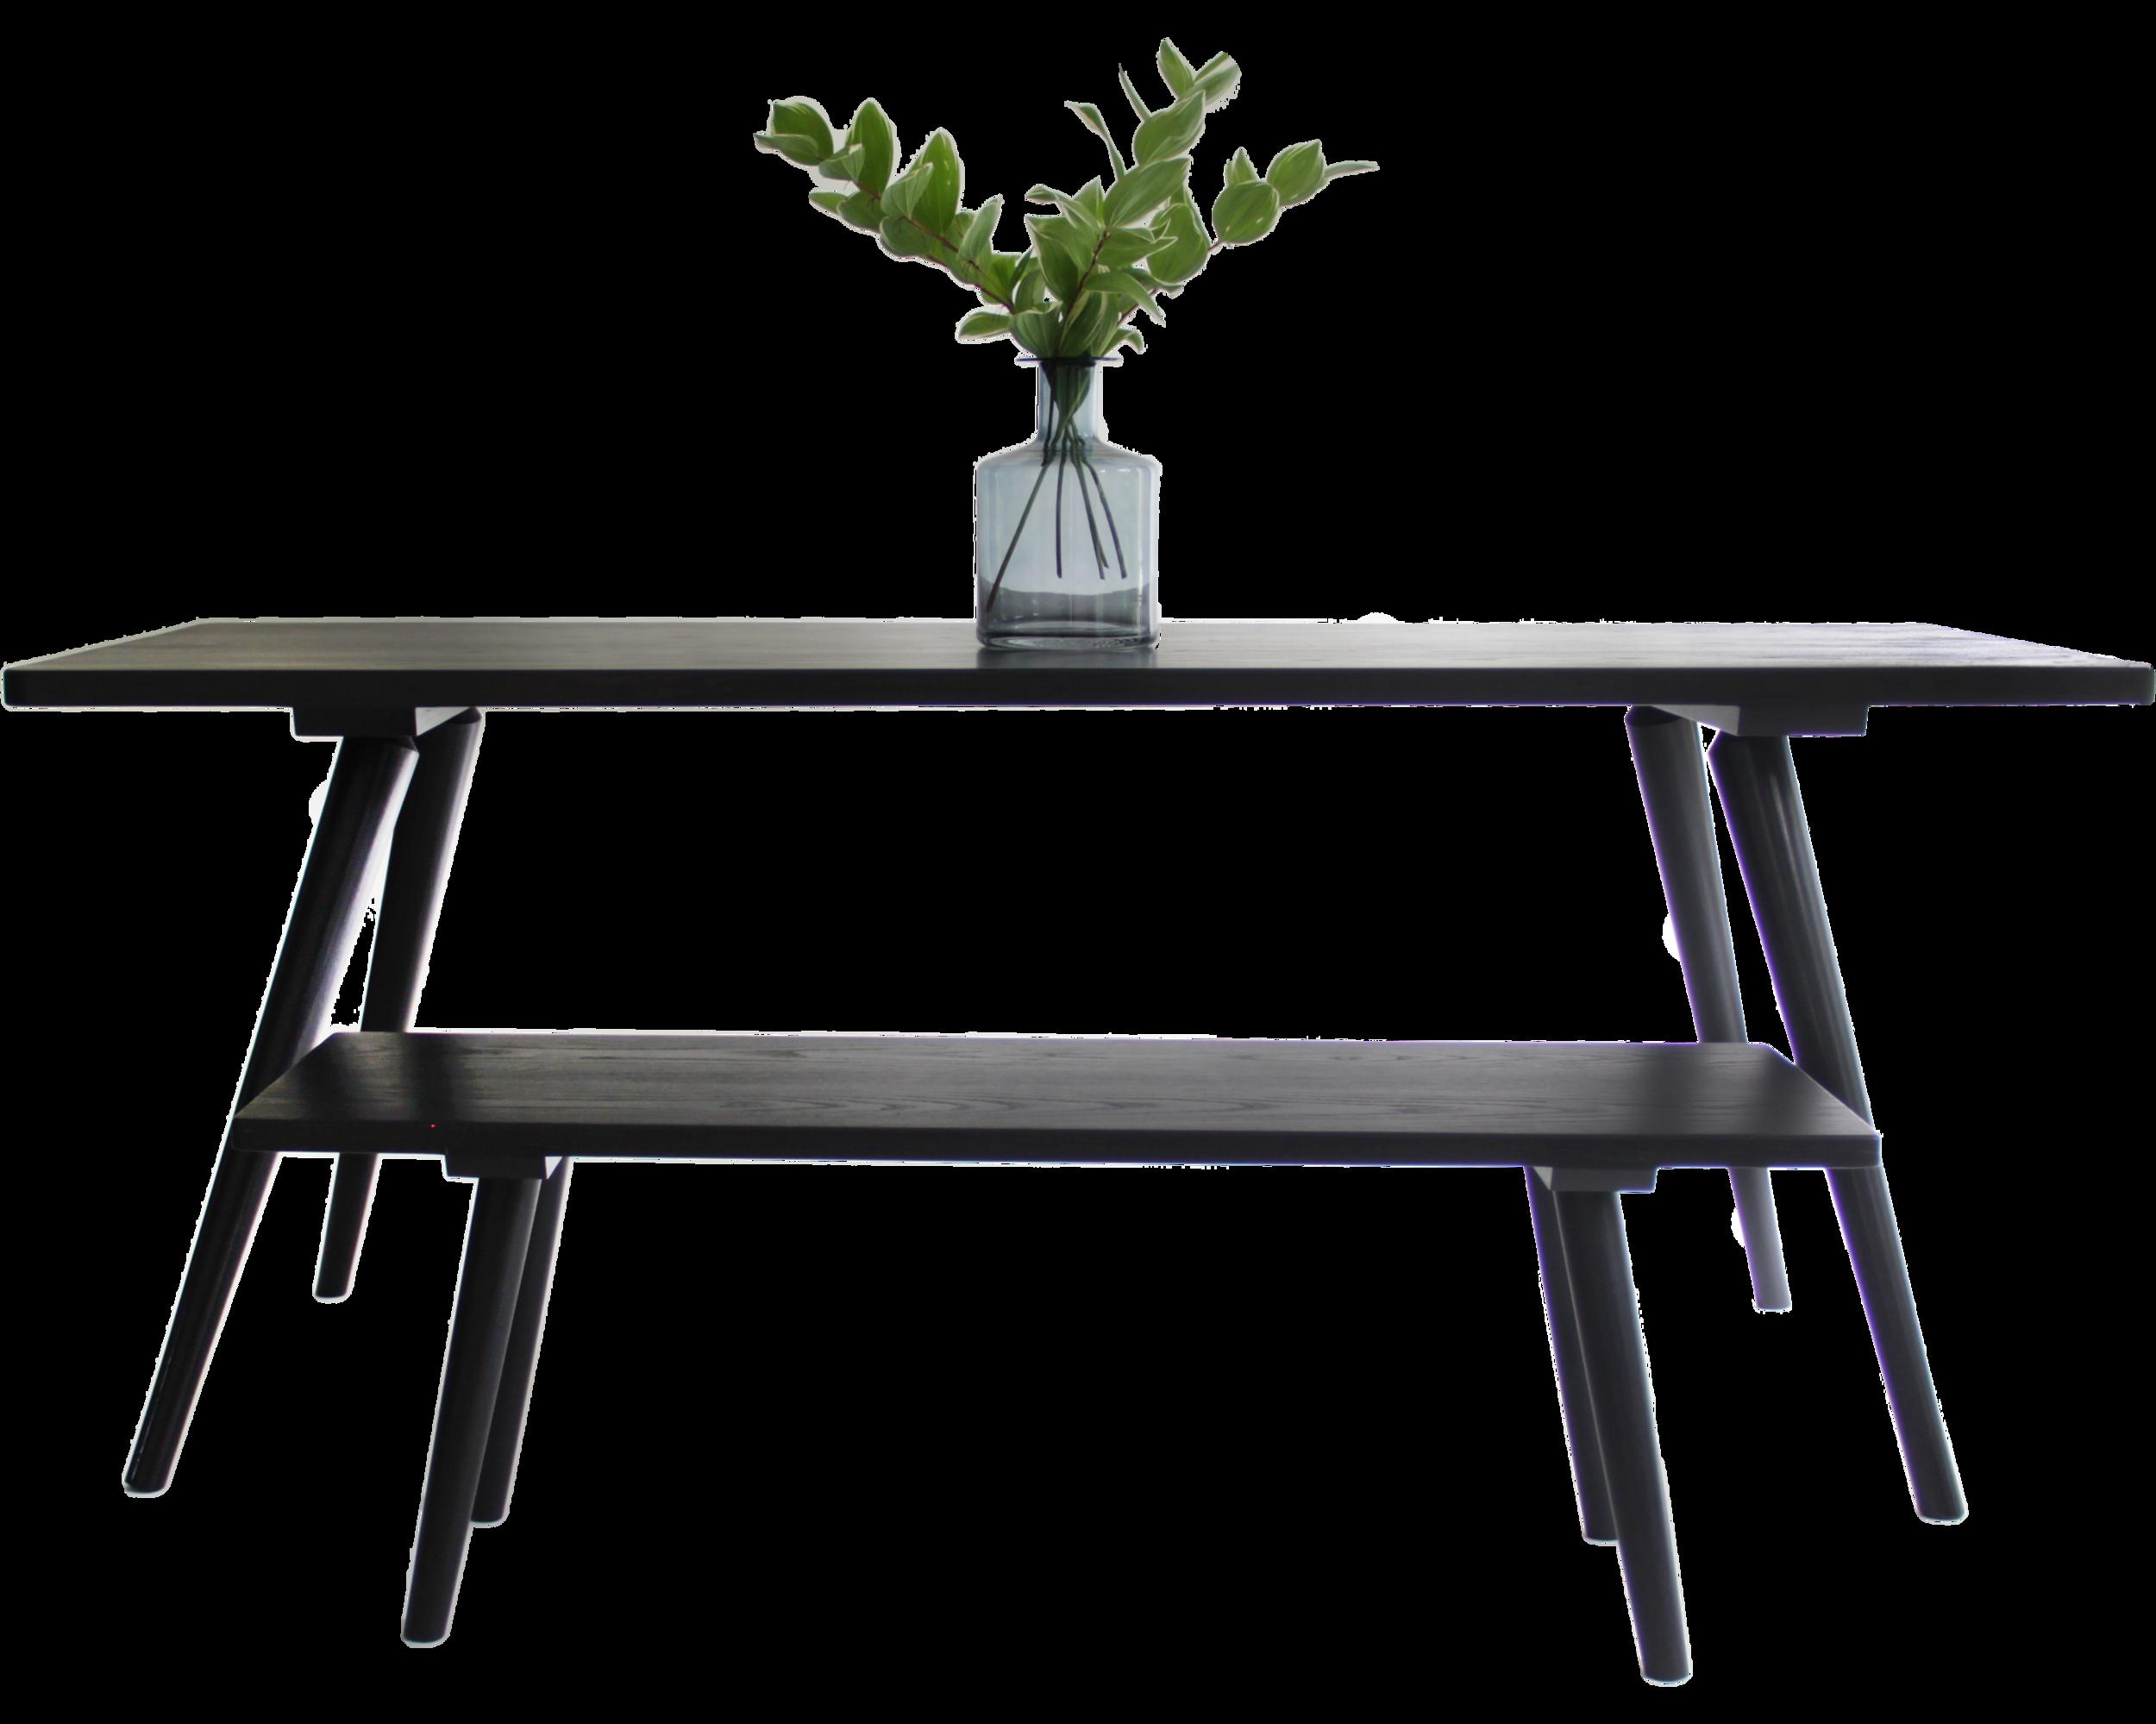 SinCa -Shaken-Table.png